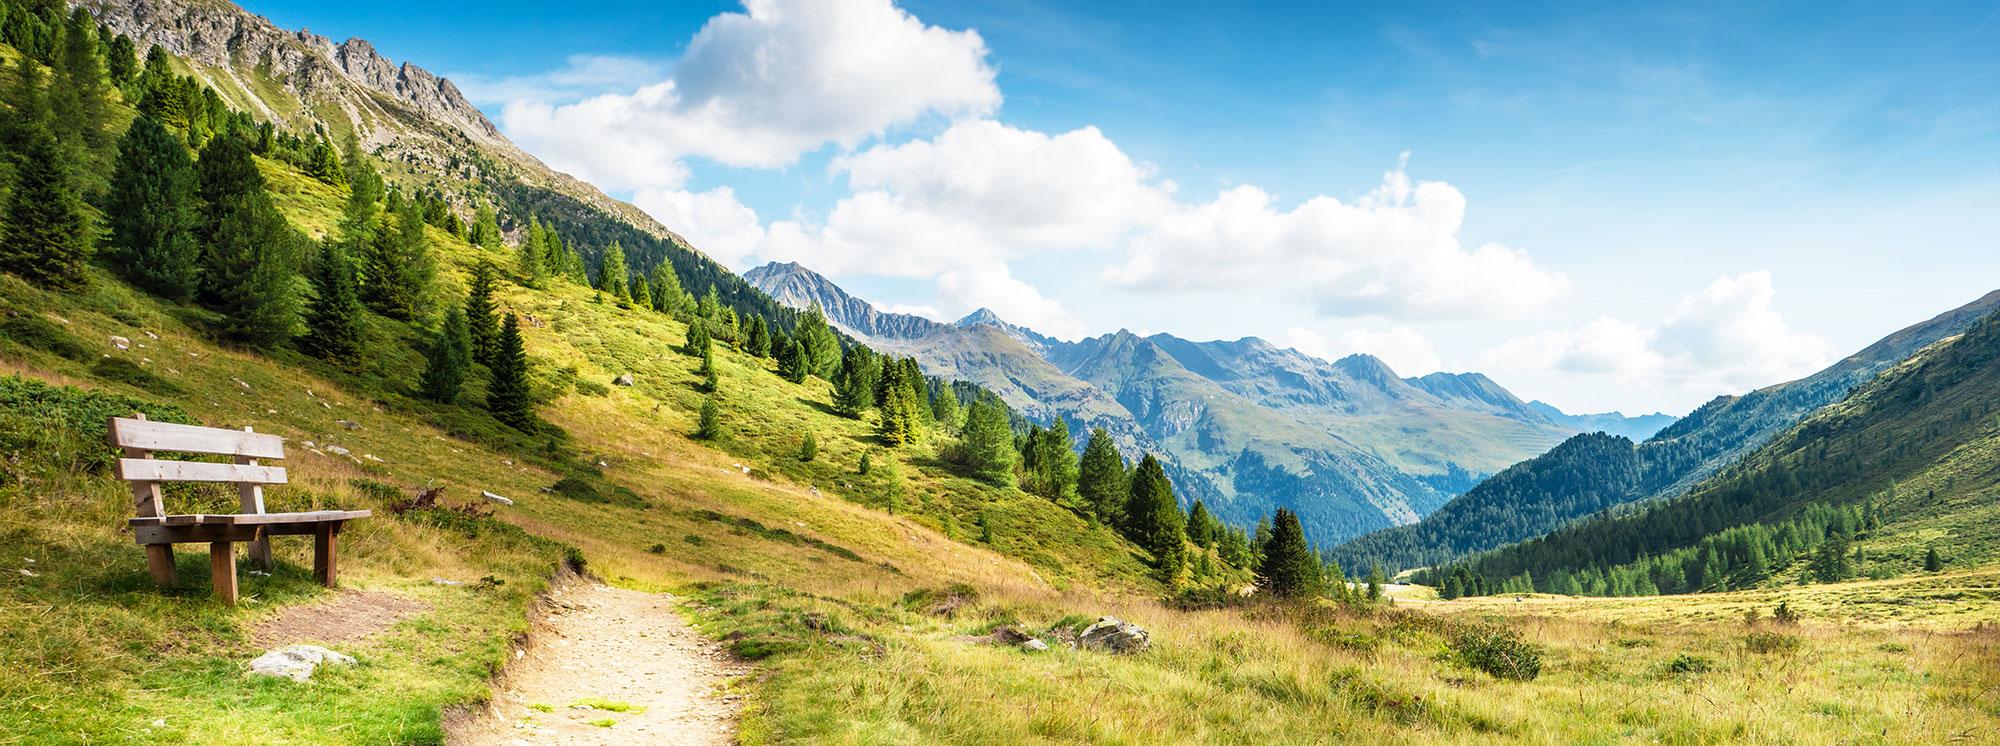 La bellezza del paesaggio di l'Alpe d'Huez l'estate